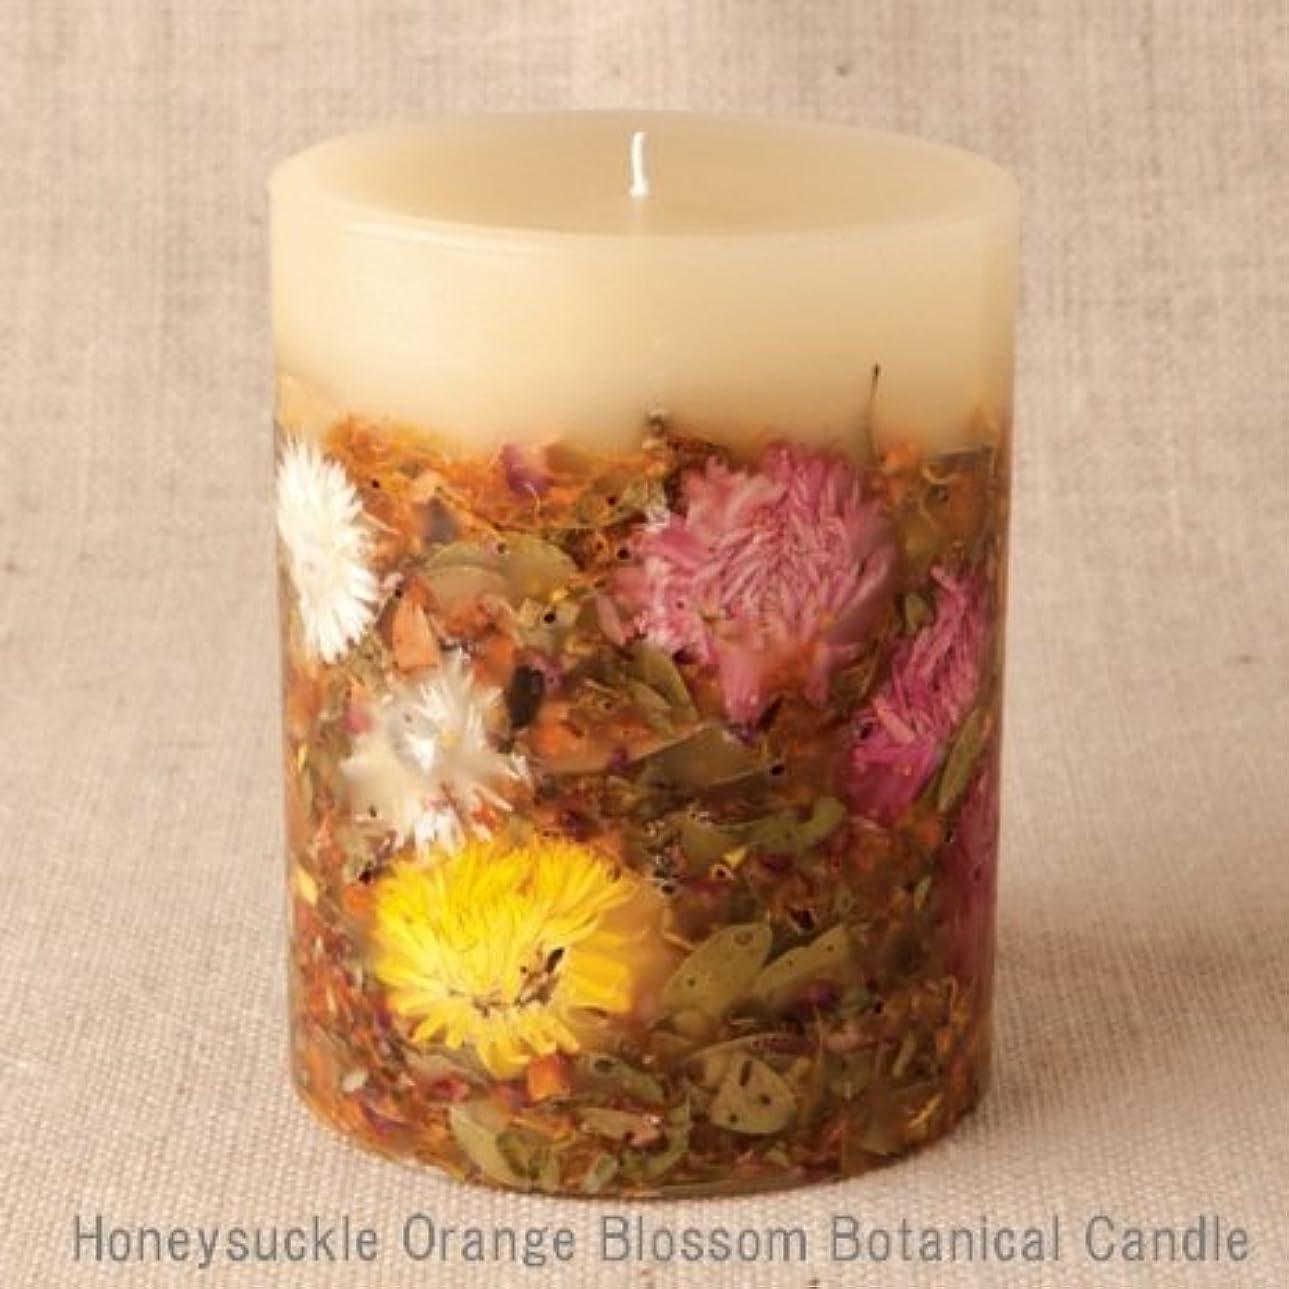 接続詞制約ステーキ【Rosy Rings ロージーリングス】 Botanical candle キャンドル ハニーサックルオレンジ&ブロッサム